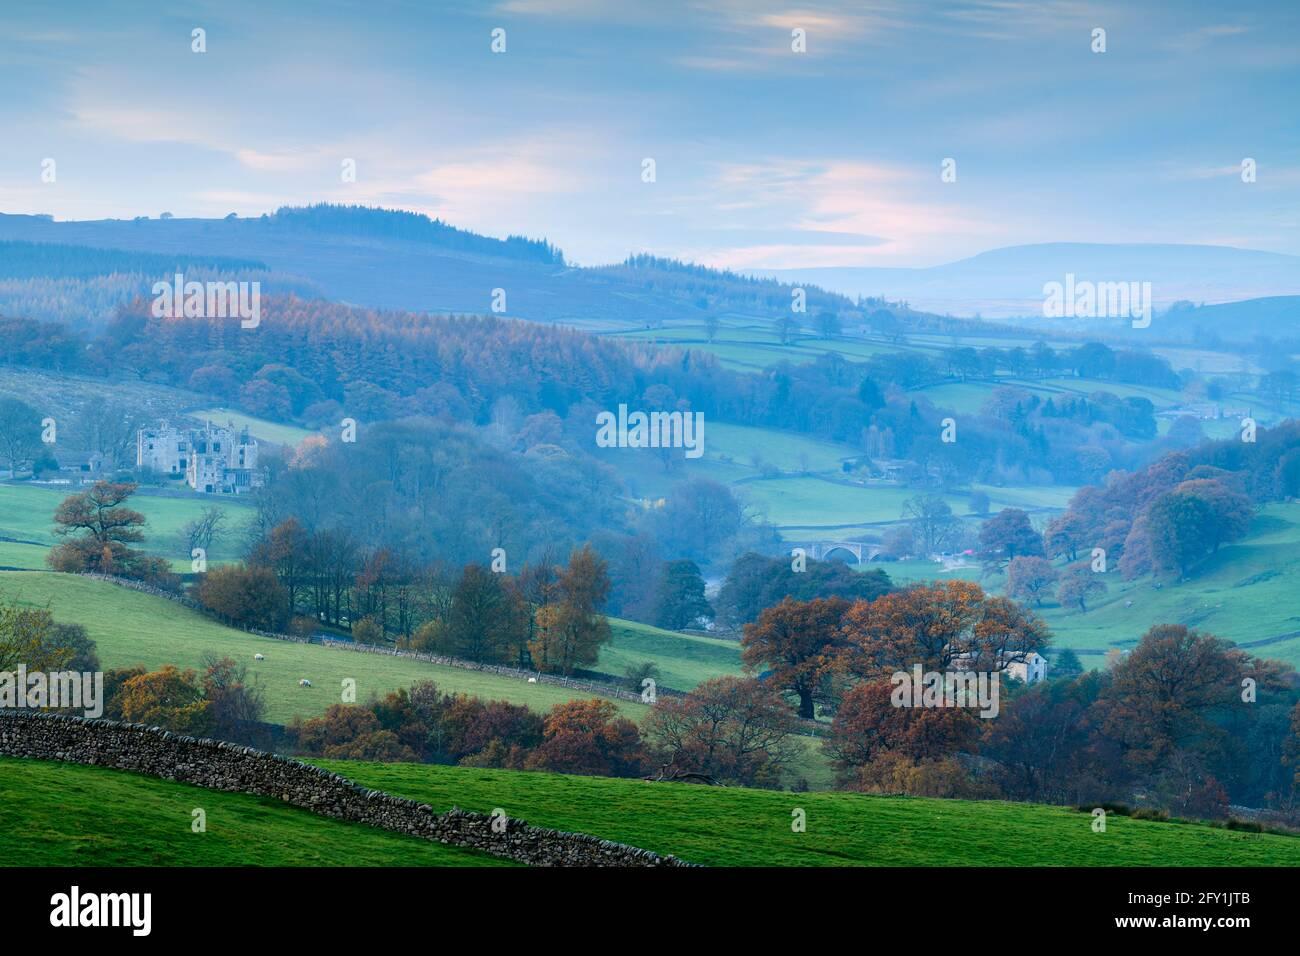 Pintoresco rural Wharfedale (niebla, valle, laderas, colinas y páramos, Barden Bridge, ruinas de la torre) - Bolton Abbey Estate, Yorkshire Dales, Inglaterra Reino Unido Foto de stock